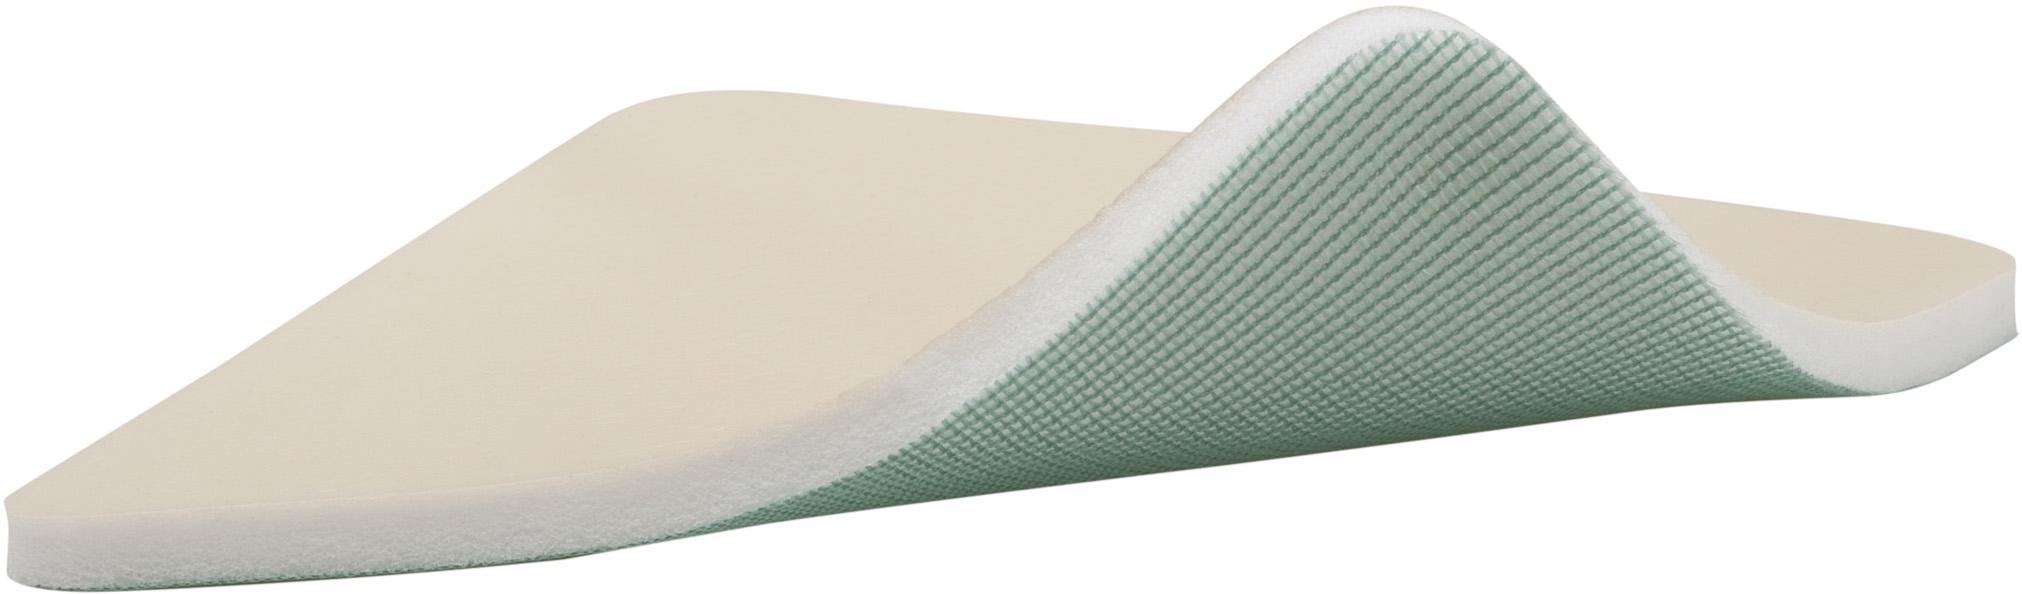 Bandasje hydrofob skum Sorbact 10x10cm